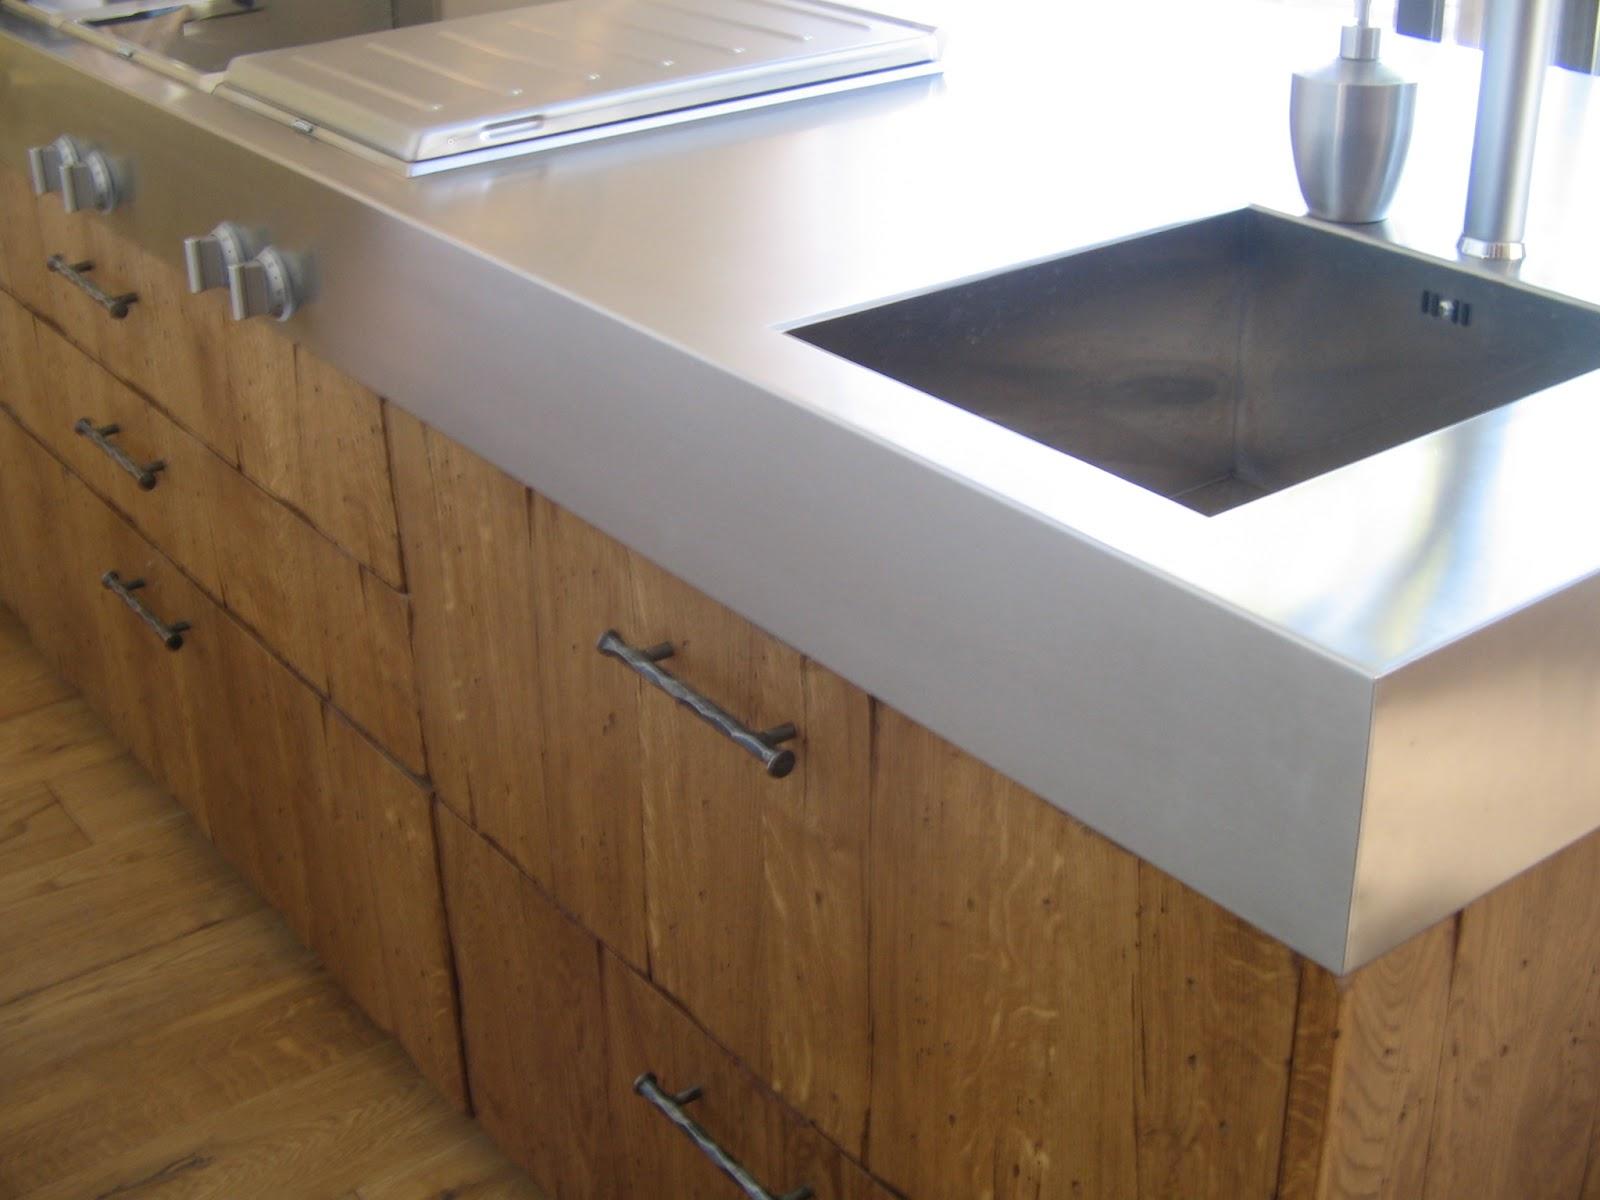 Encimeras de cocina cu les son y c mo conservarlas for Encimeras de cocina